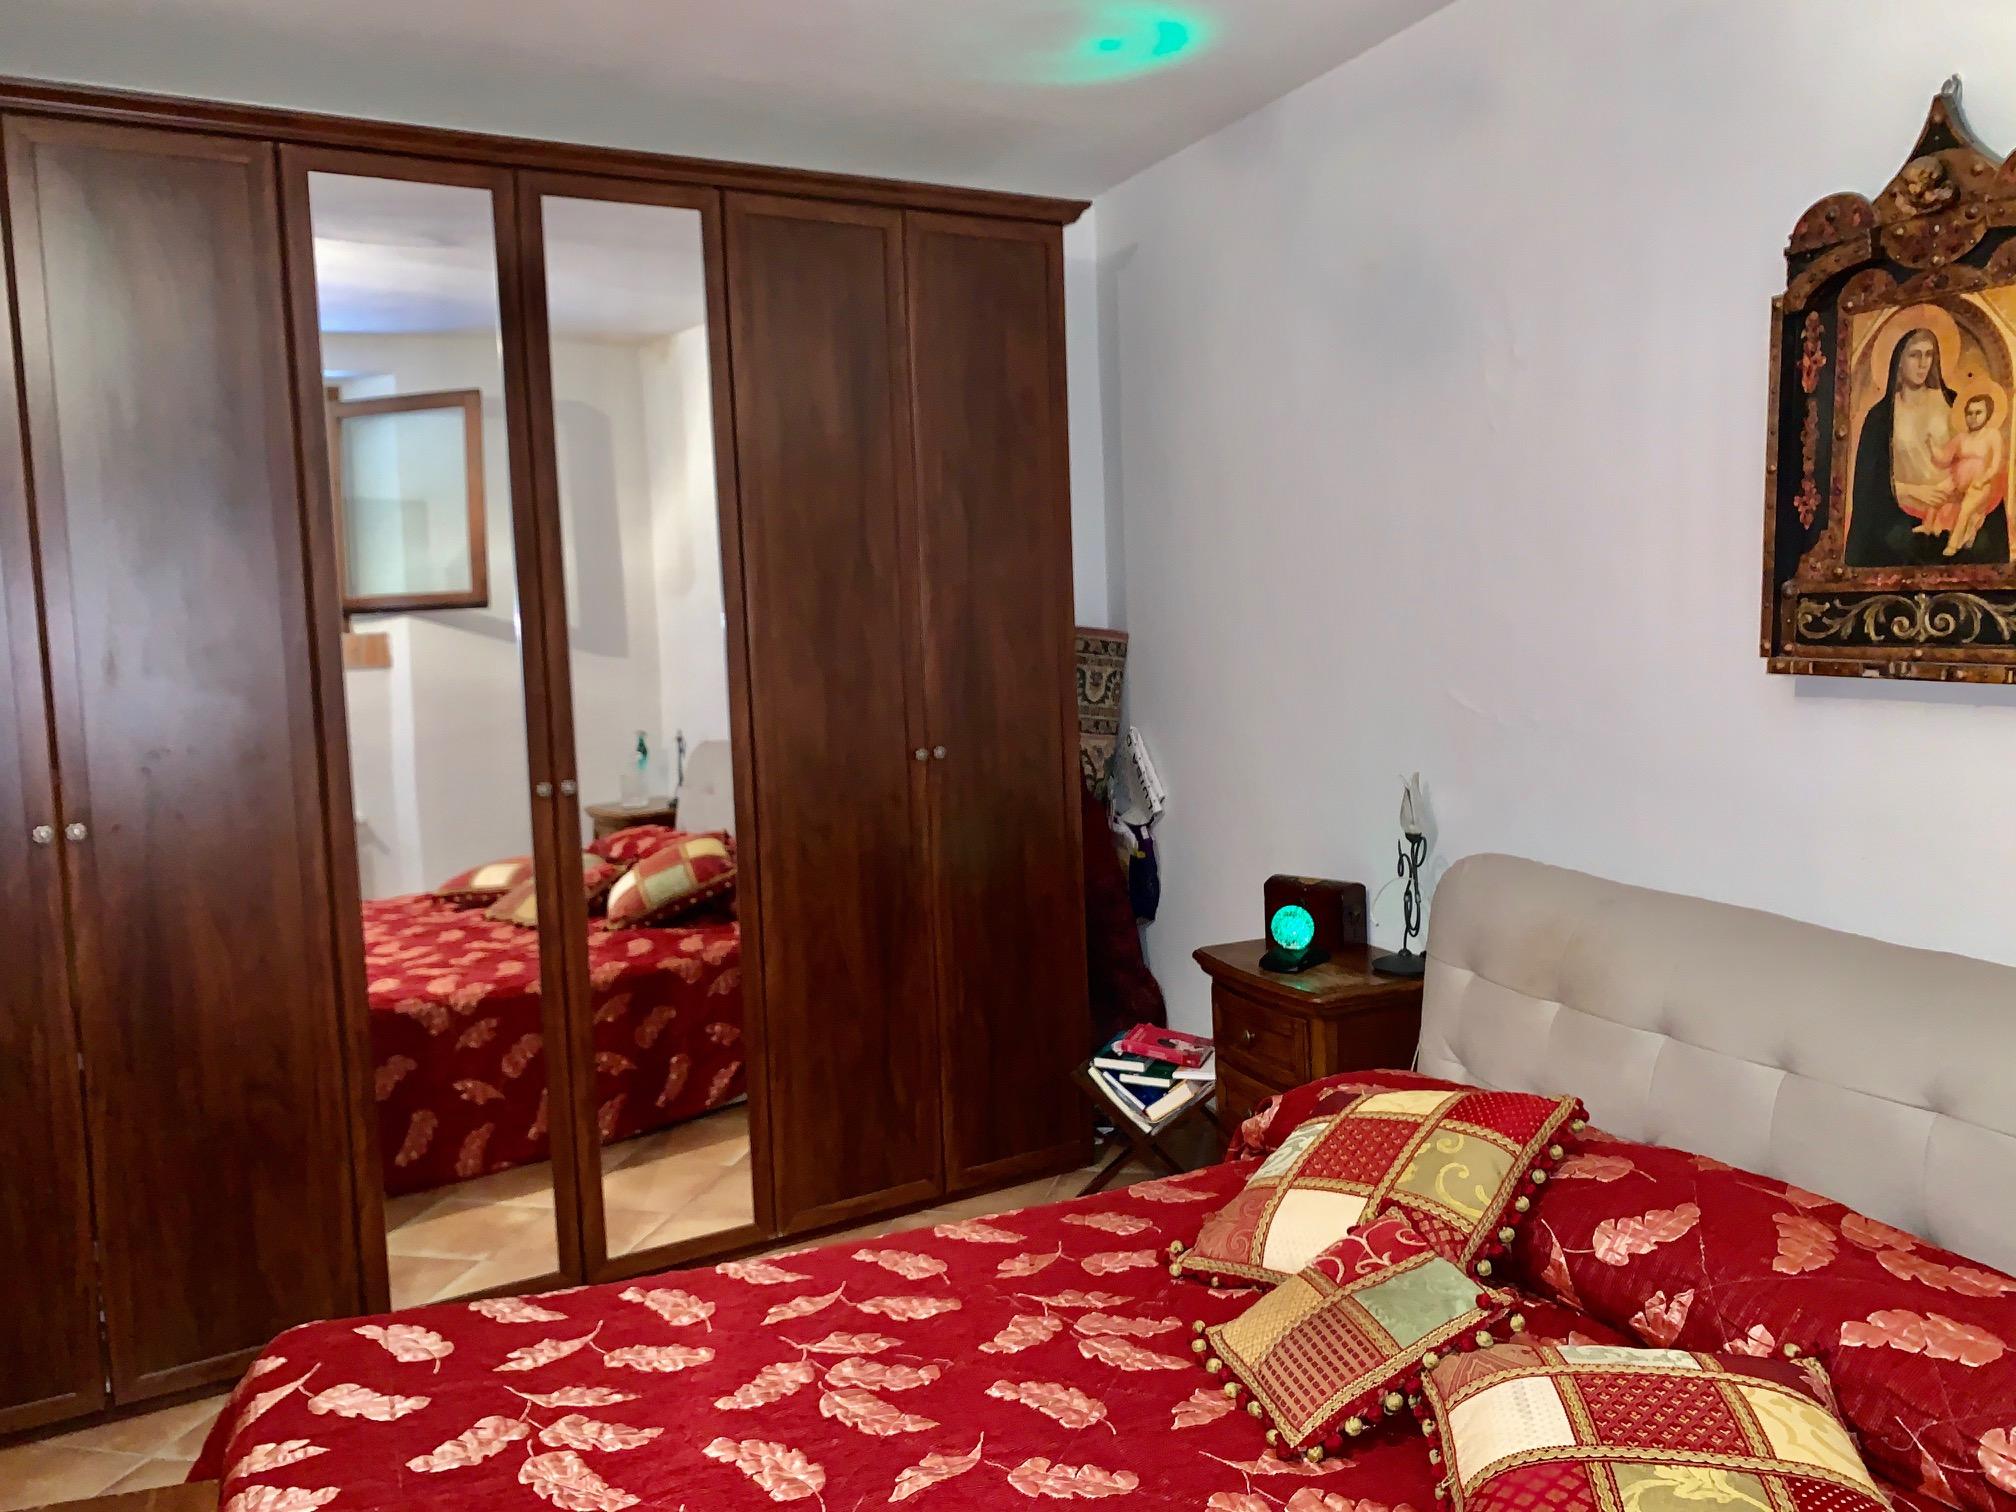 Viale Adua,pistoia,51100,1 Camera da Letto Bedrooms,2 BathroomsBathrooms,Appartamento,Viale Adua,1266